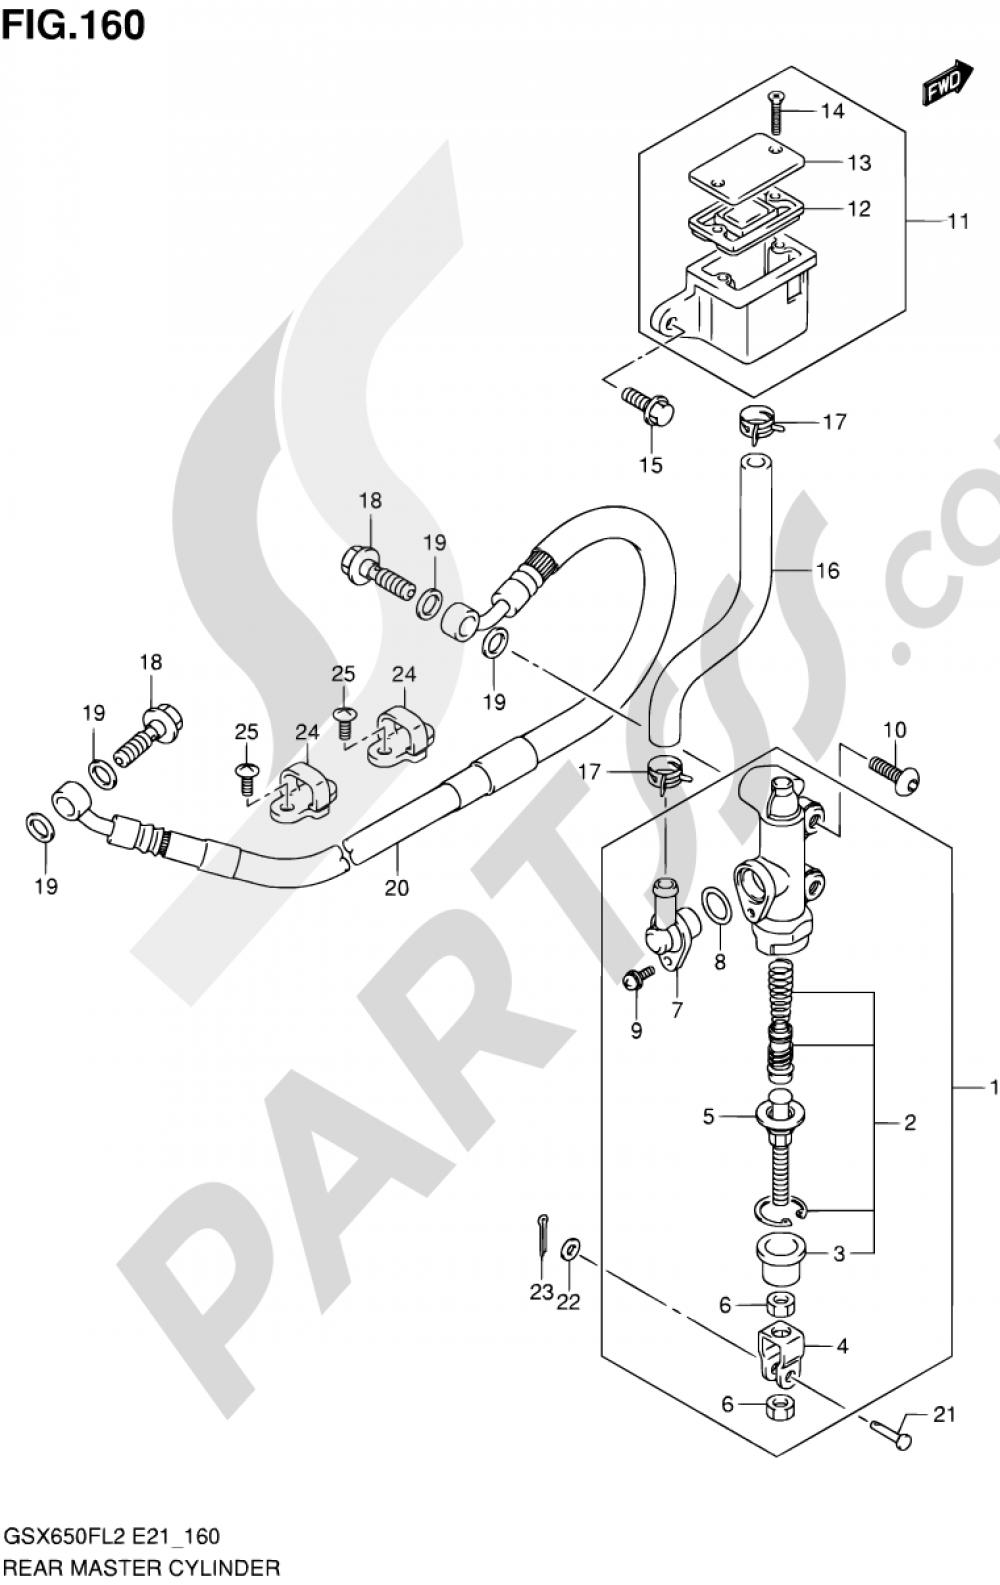 160 - REAR MASTER CYLINDER (GSX650FUL2 E21) Suzuki GSX650FA 2012